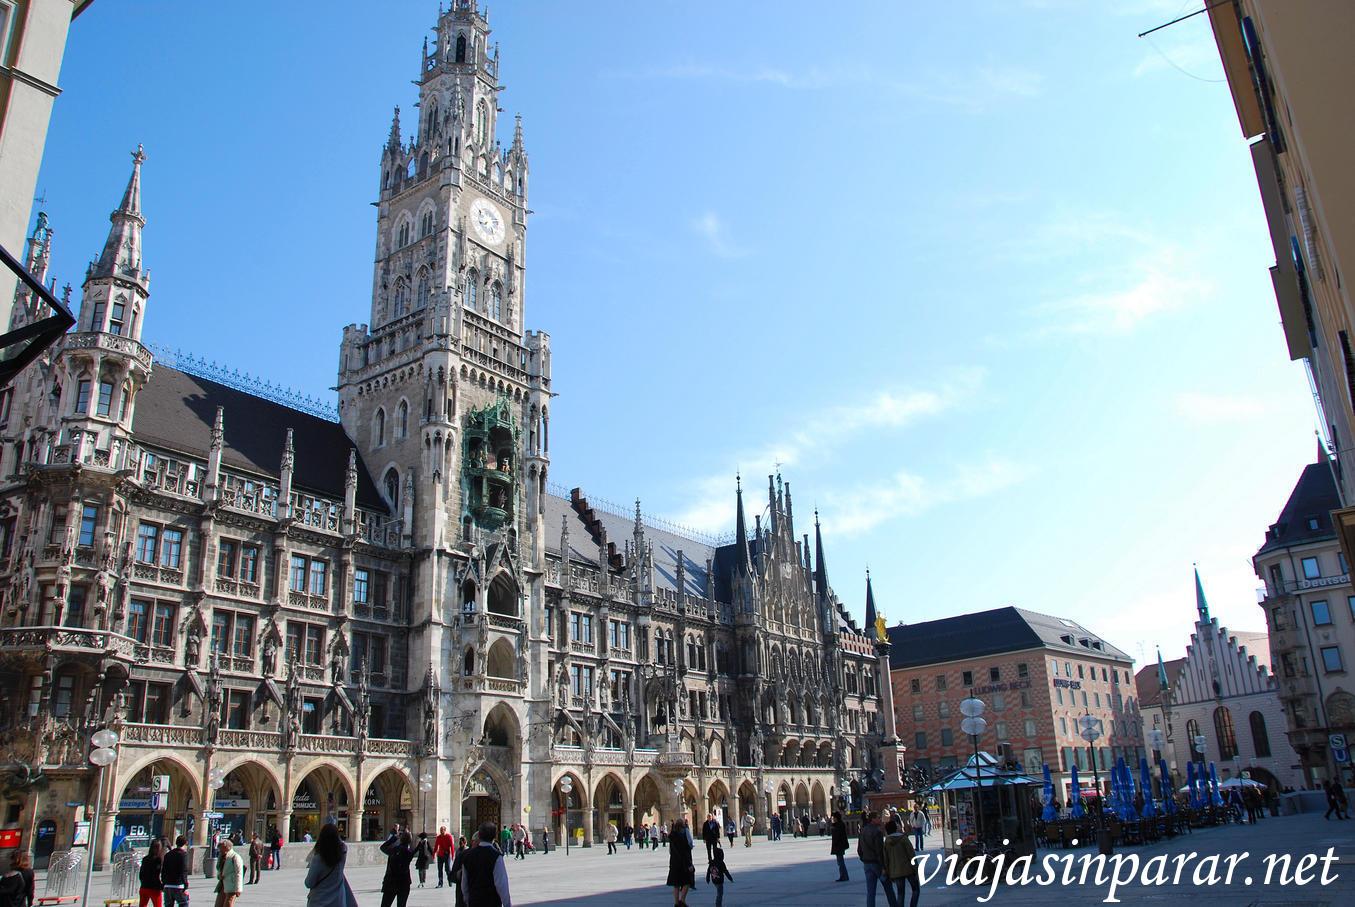 Viaja sin parar for Oficina turismo munich